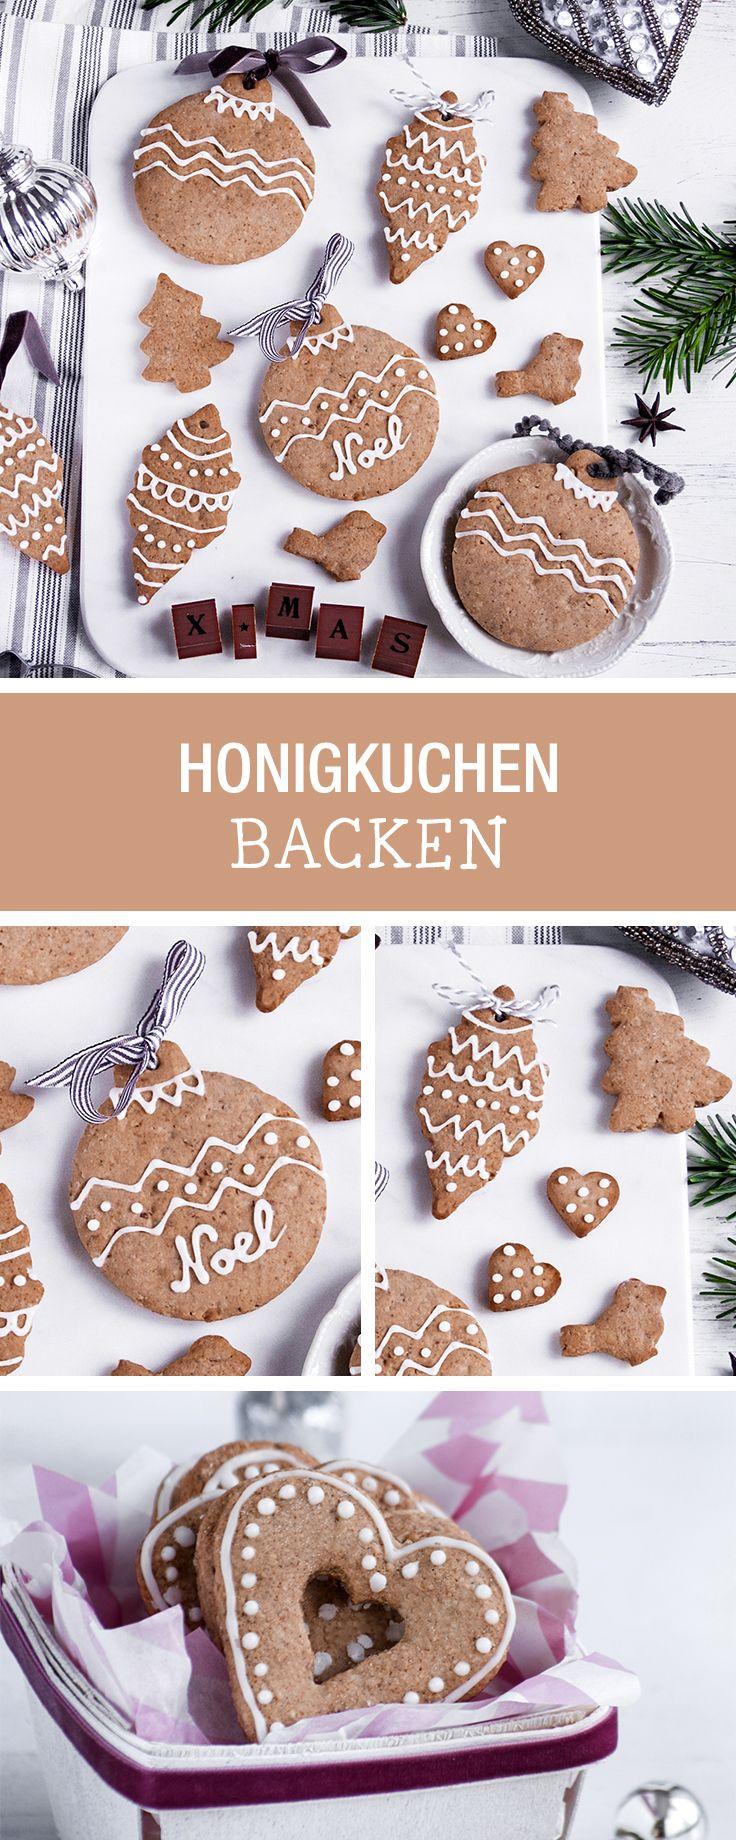 Traditionelles Weihnachtsgebäck.Traditionelles Weihnachtsgebäck Honigkuchen Backen Traditional